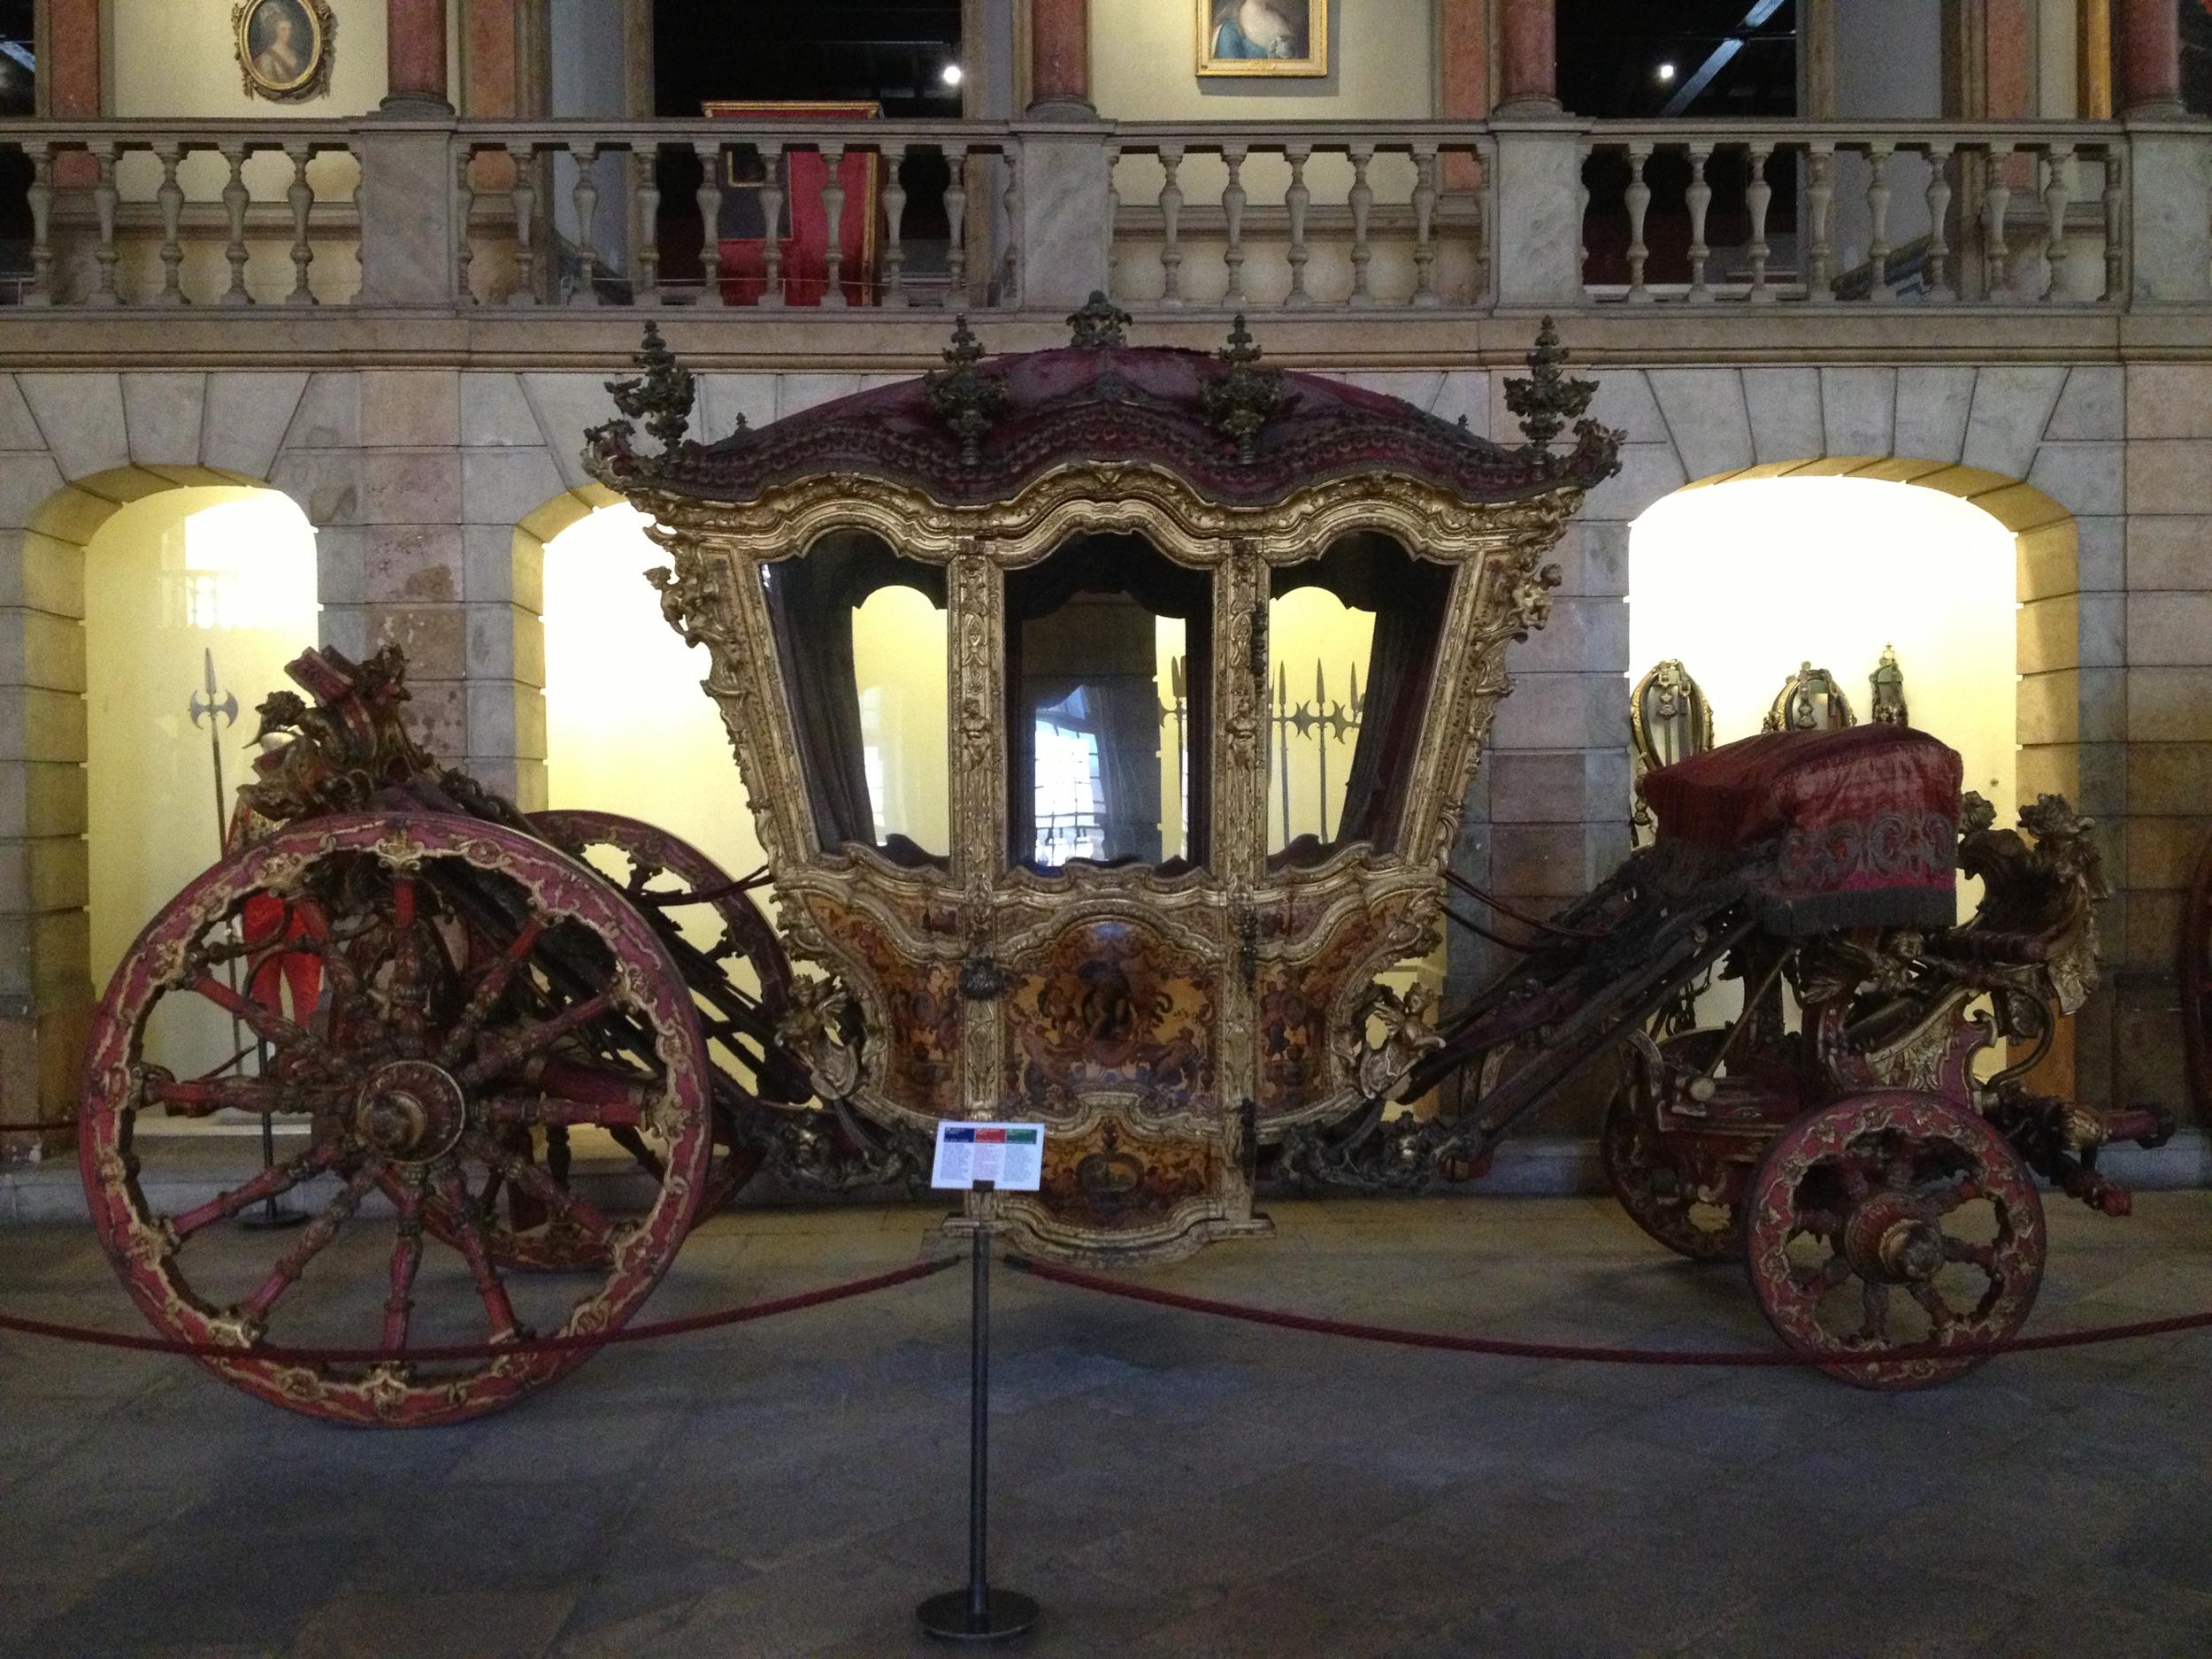 King Joao V Coach with Zodiac Wheels early 18th century Portugal